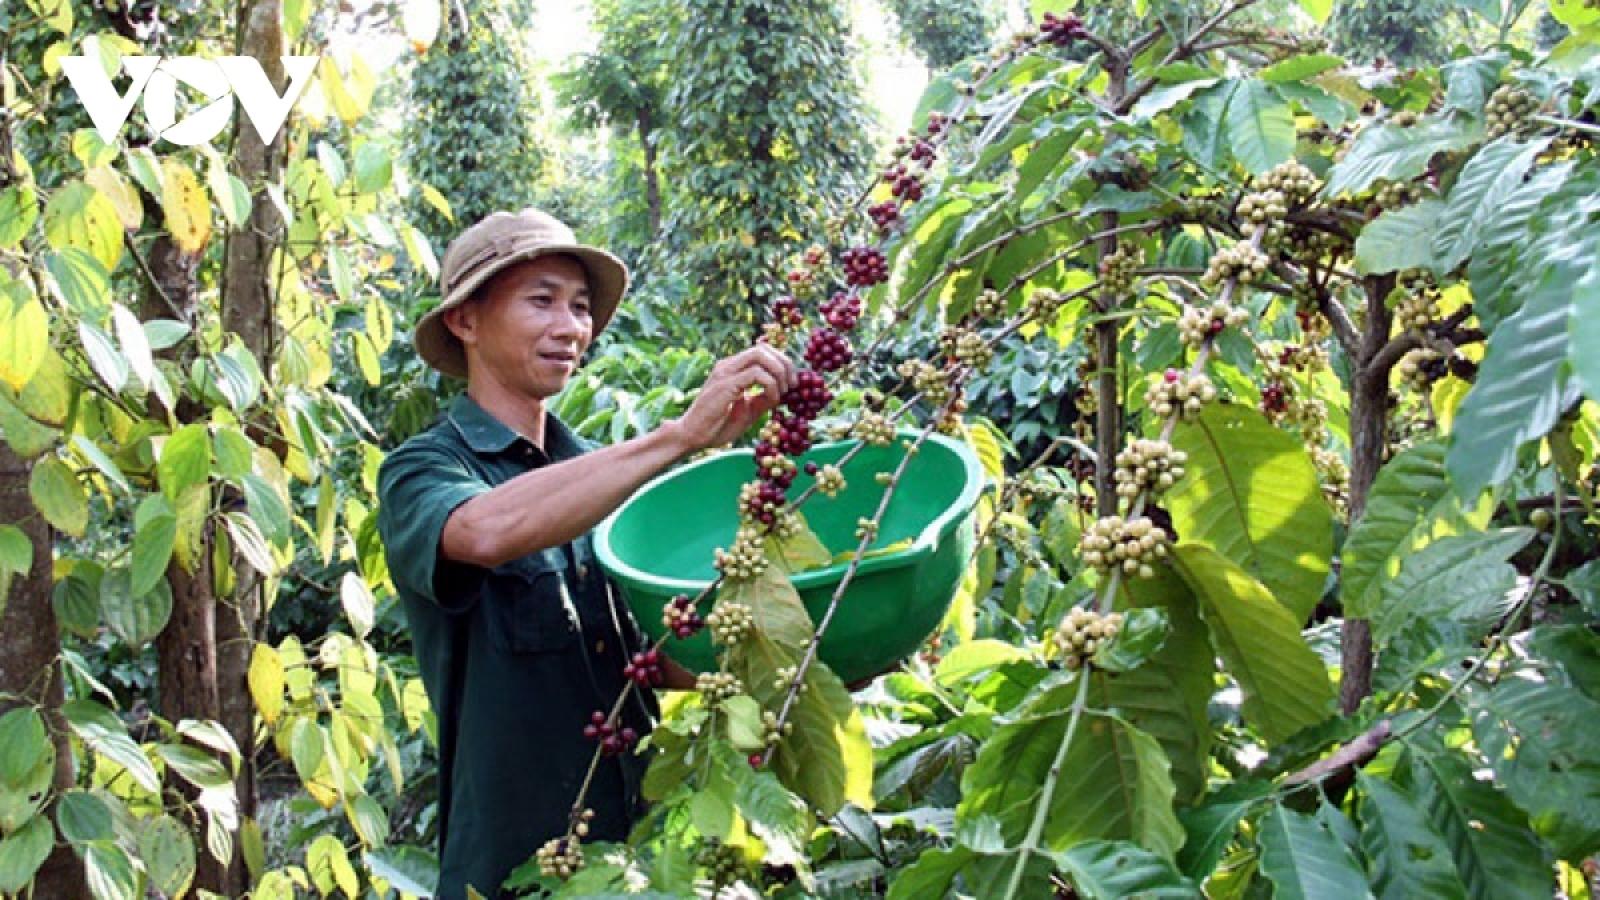 Xuất khẩu cà phê đạt 1,3 tỷ USD, giảm về lượng nhưng giá tăng